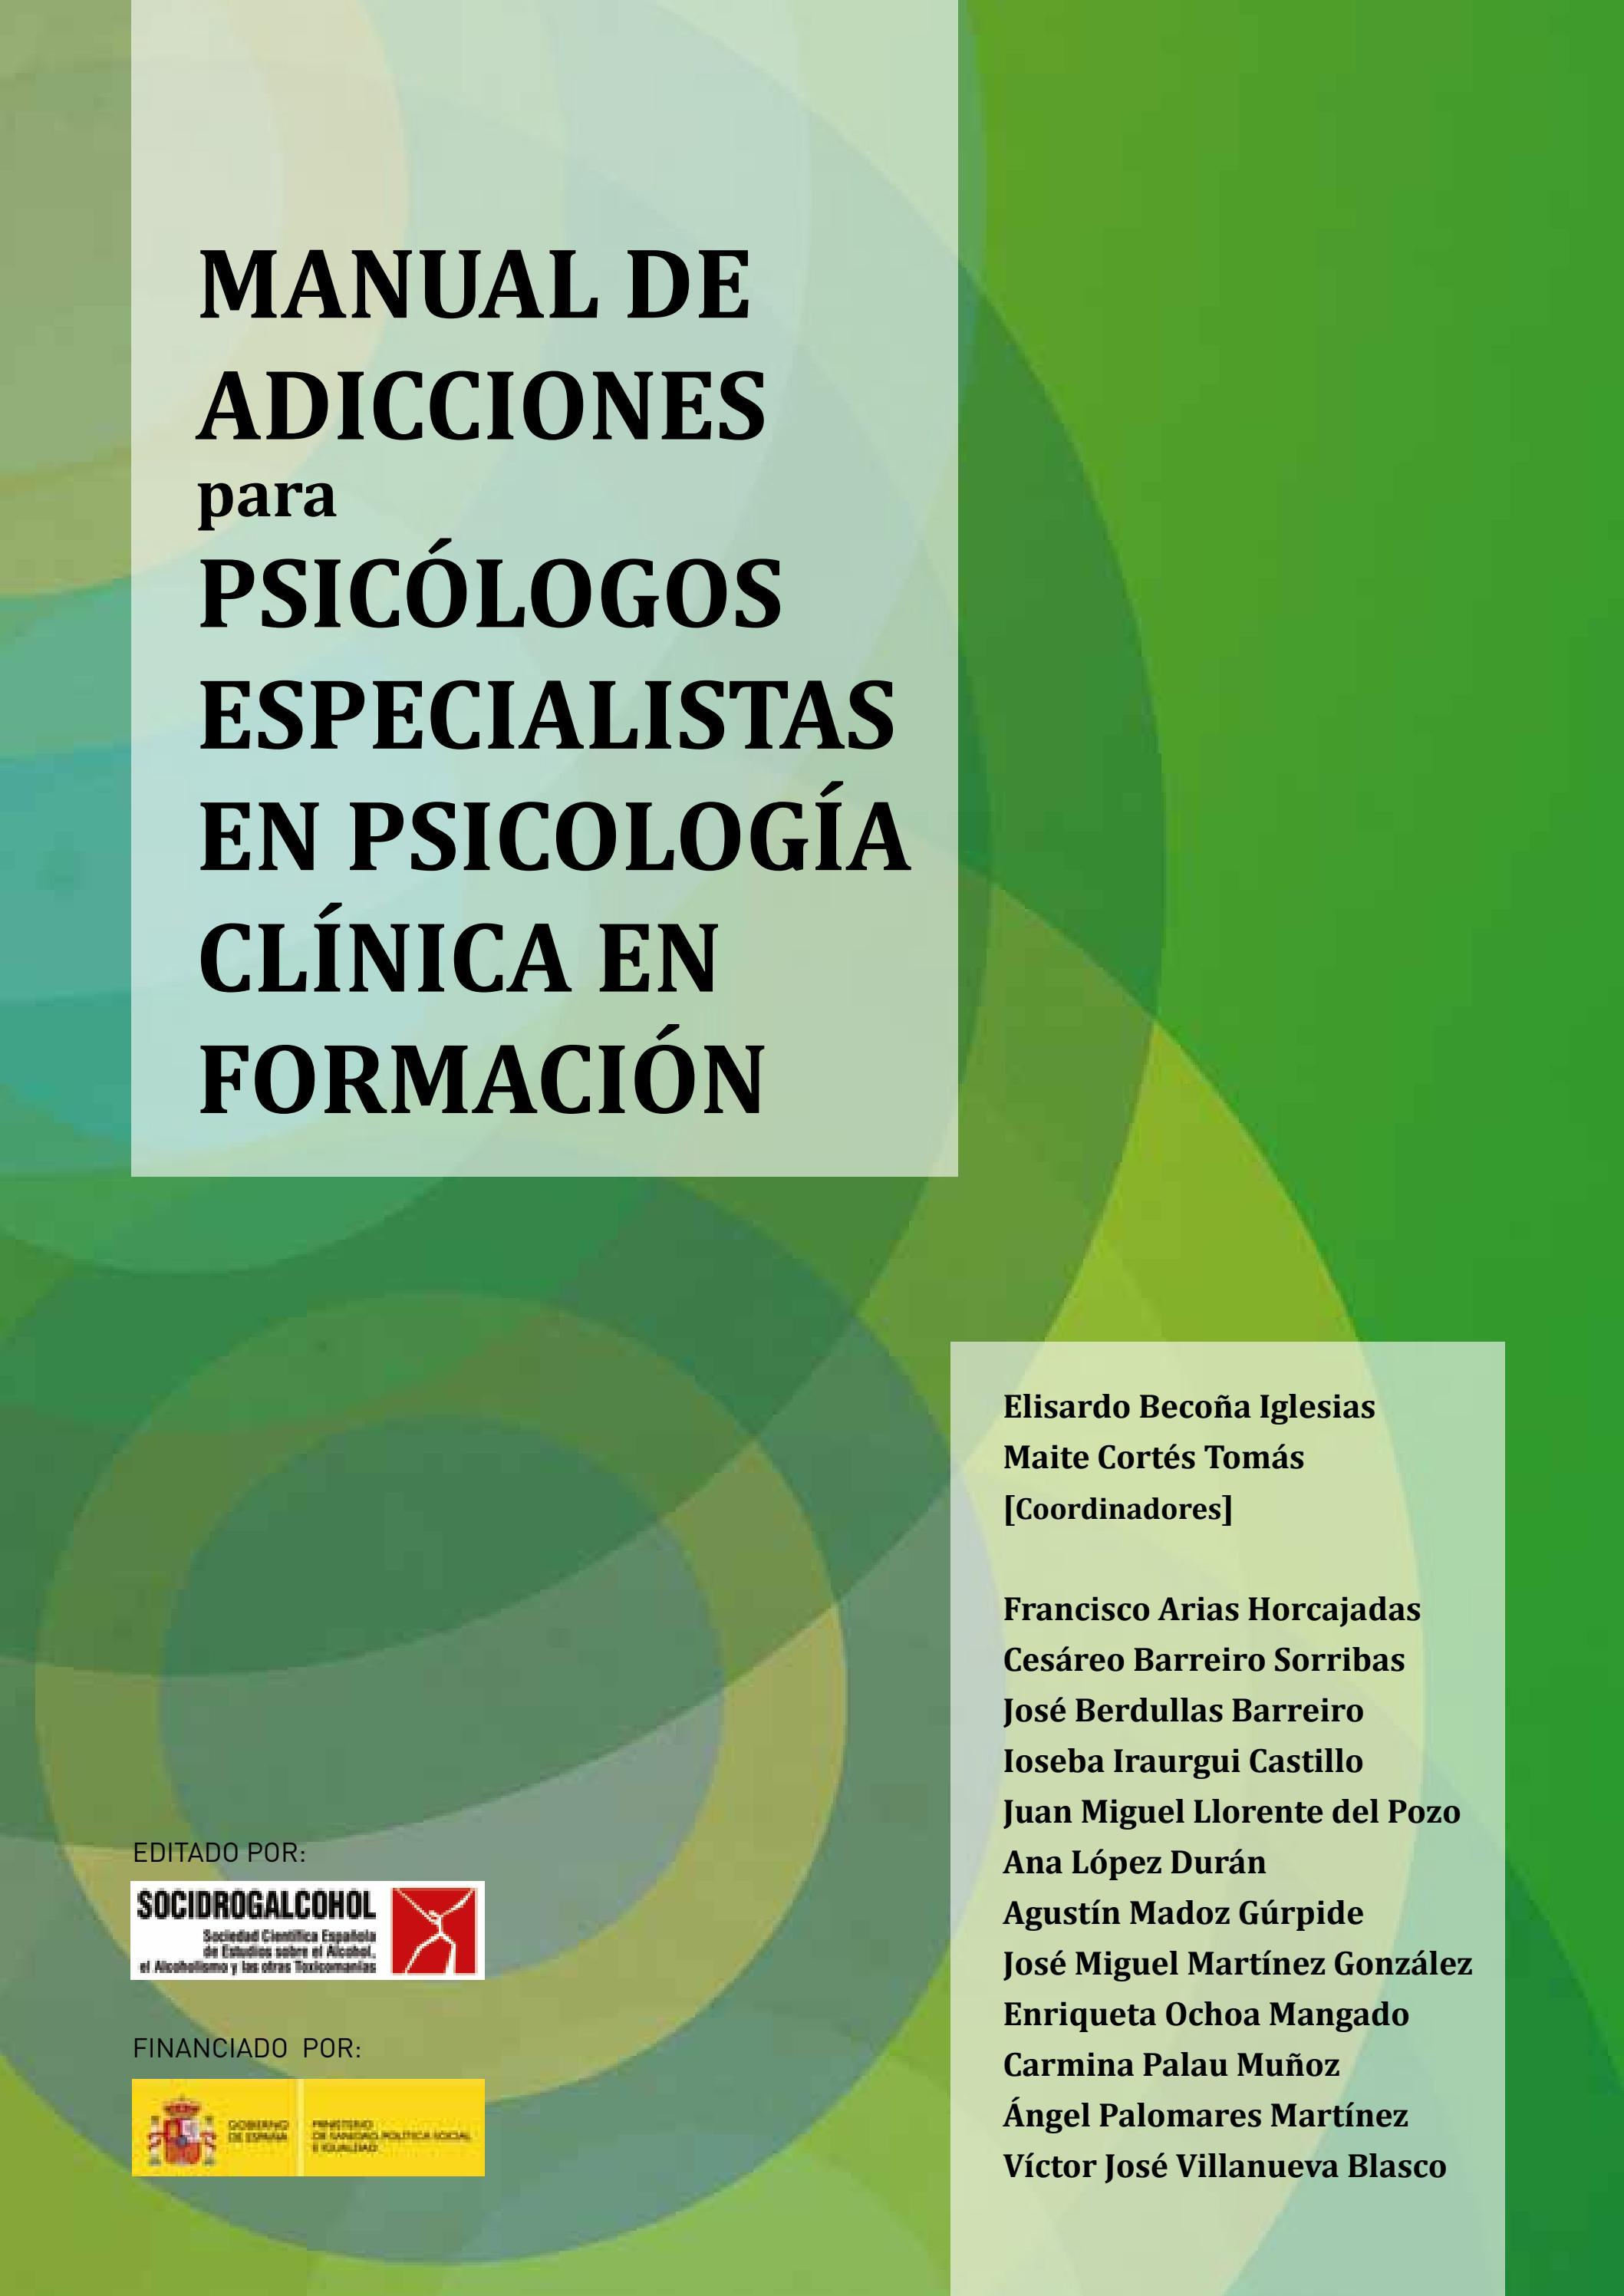 W213 Manual De Adicciones Para Psicólogos Especialistas